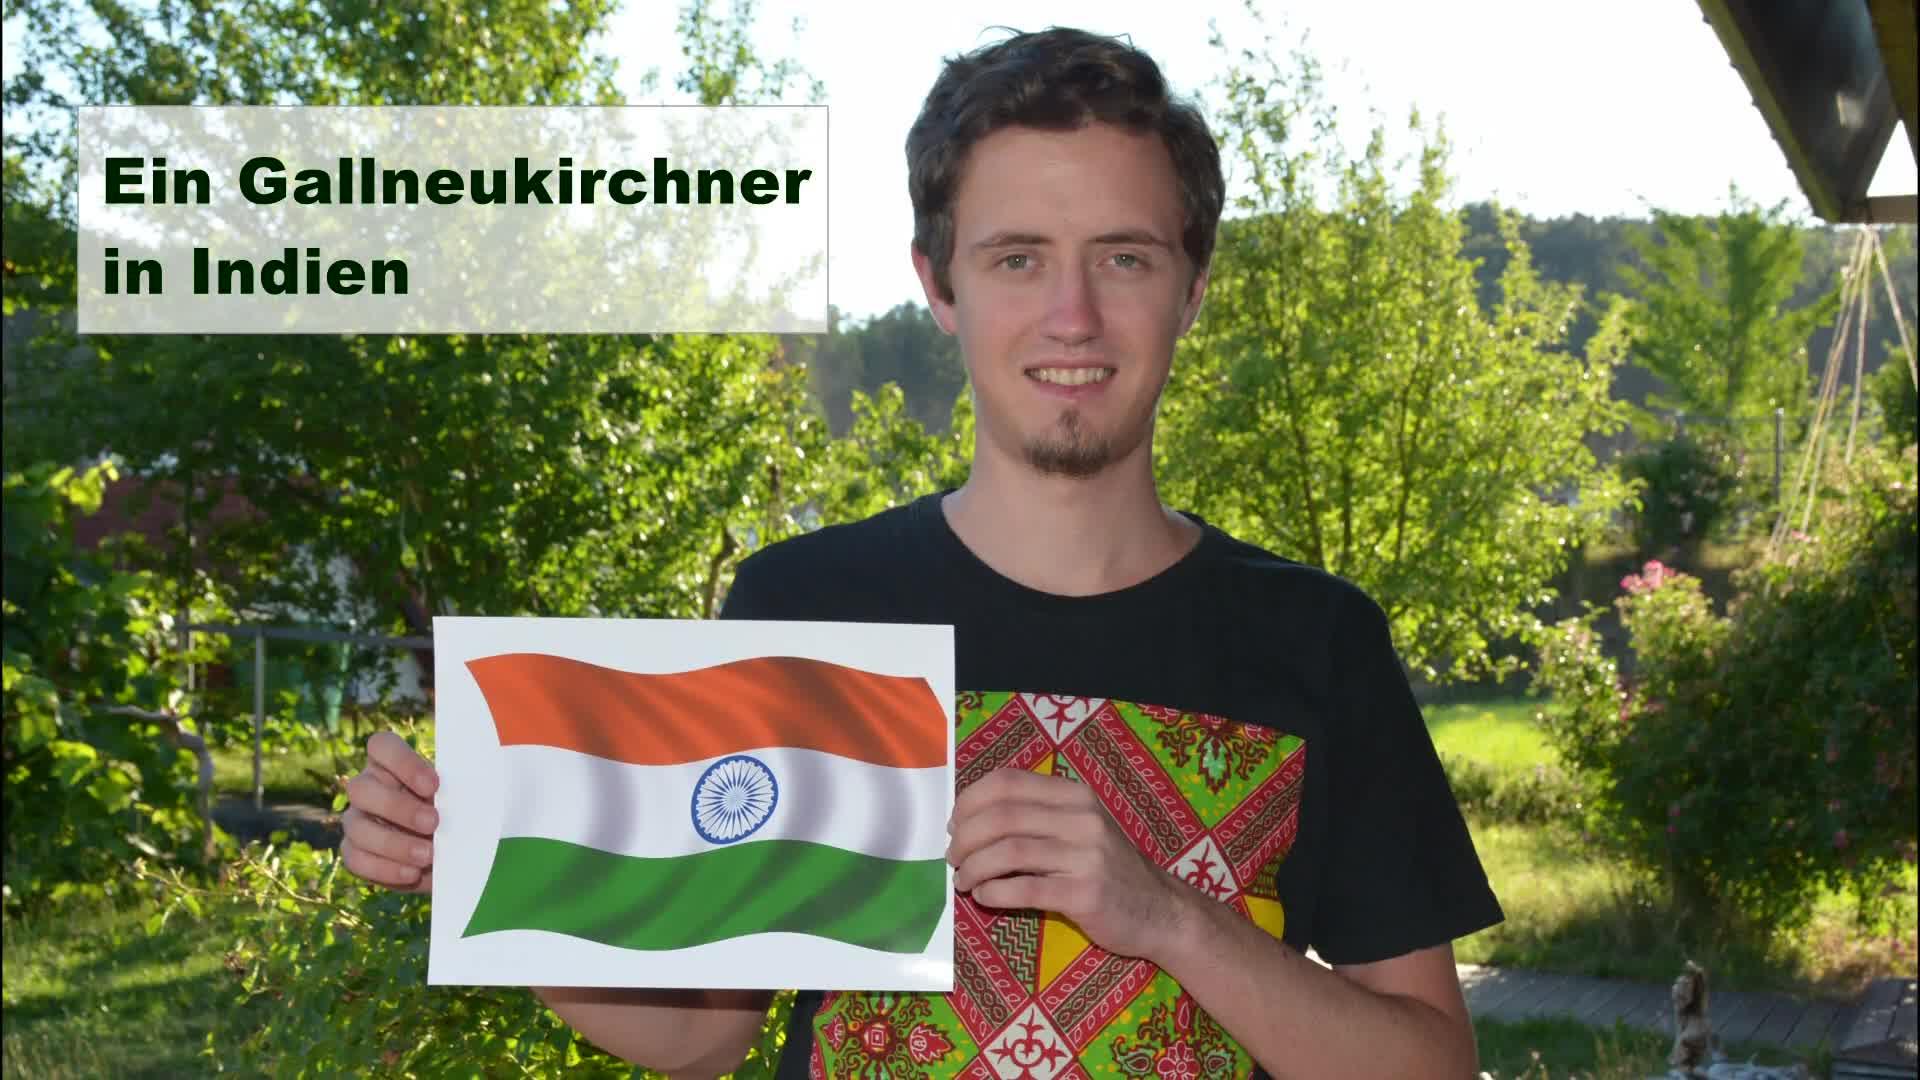 Ein Gallneukirchner in Indien